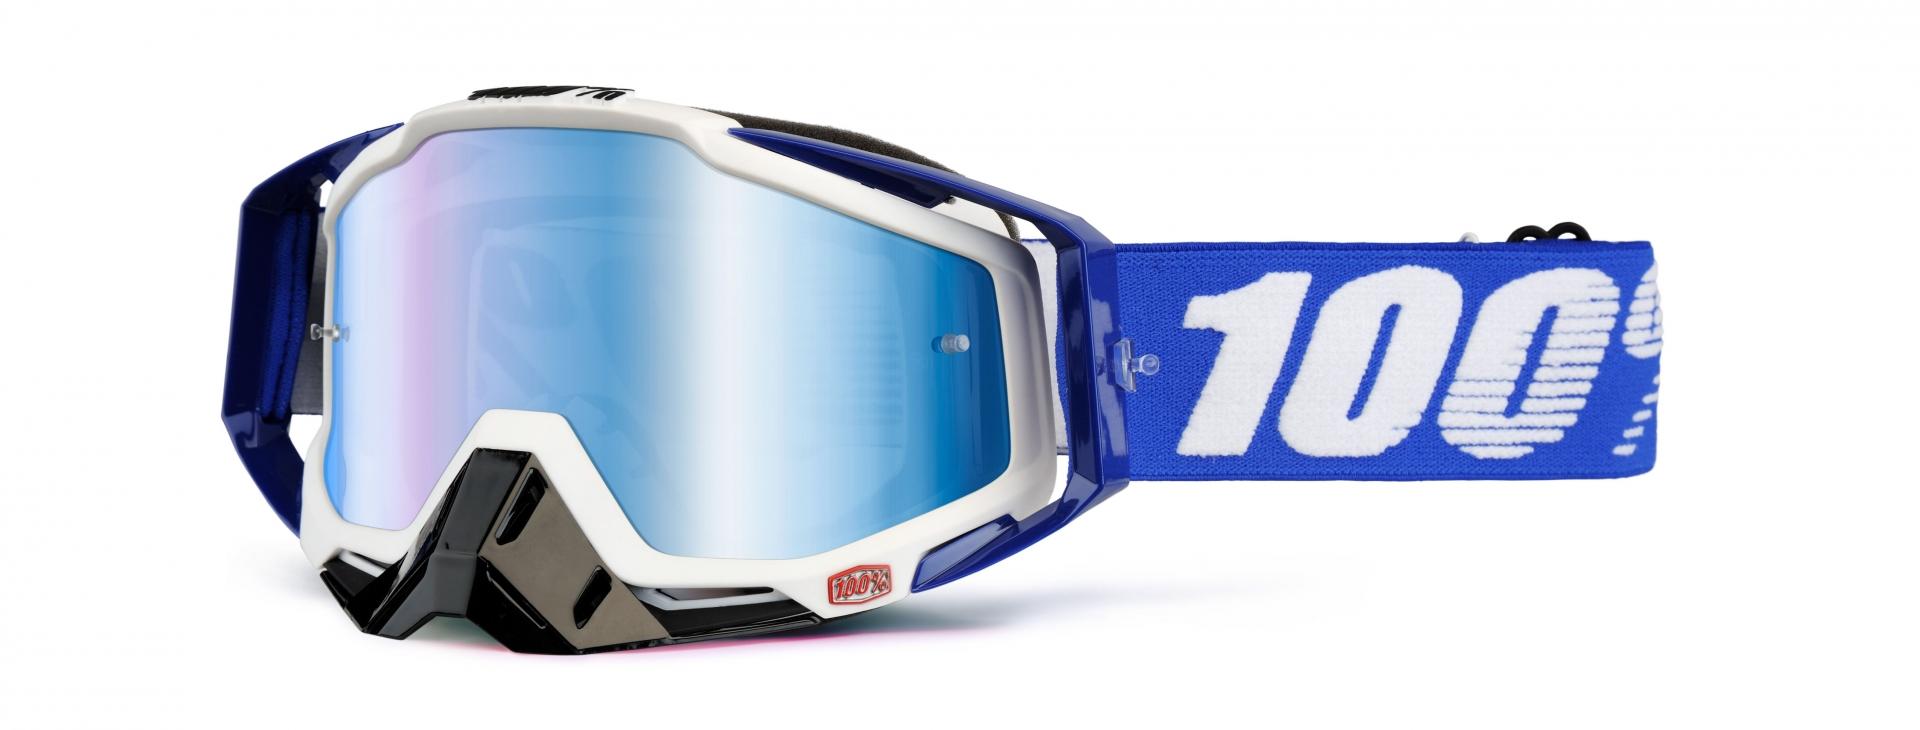 Masque 100% Racecraft Cobalt Blue écran miroir bleu (Blanc/Bleu)